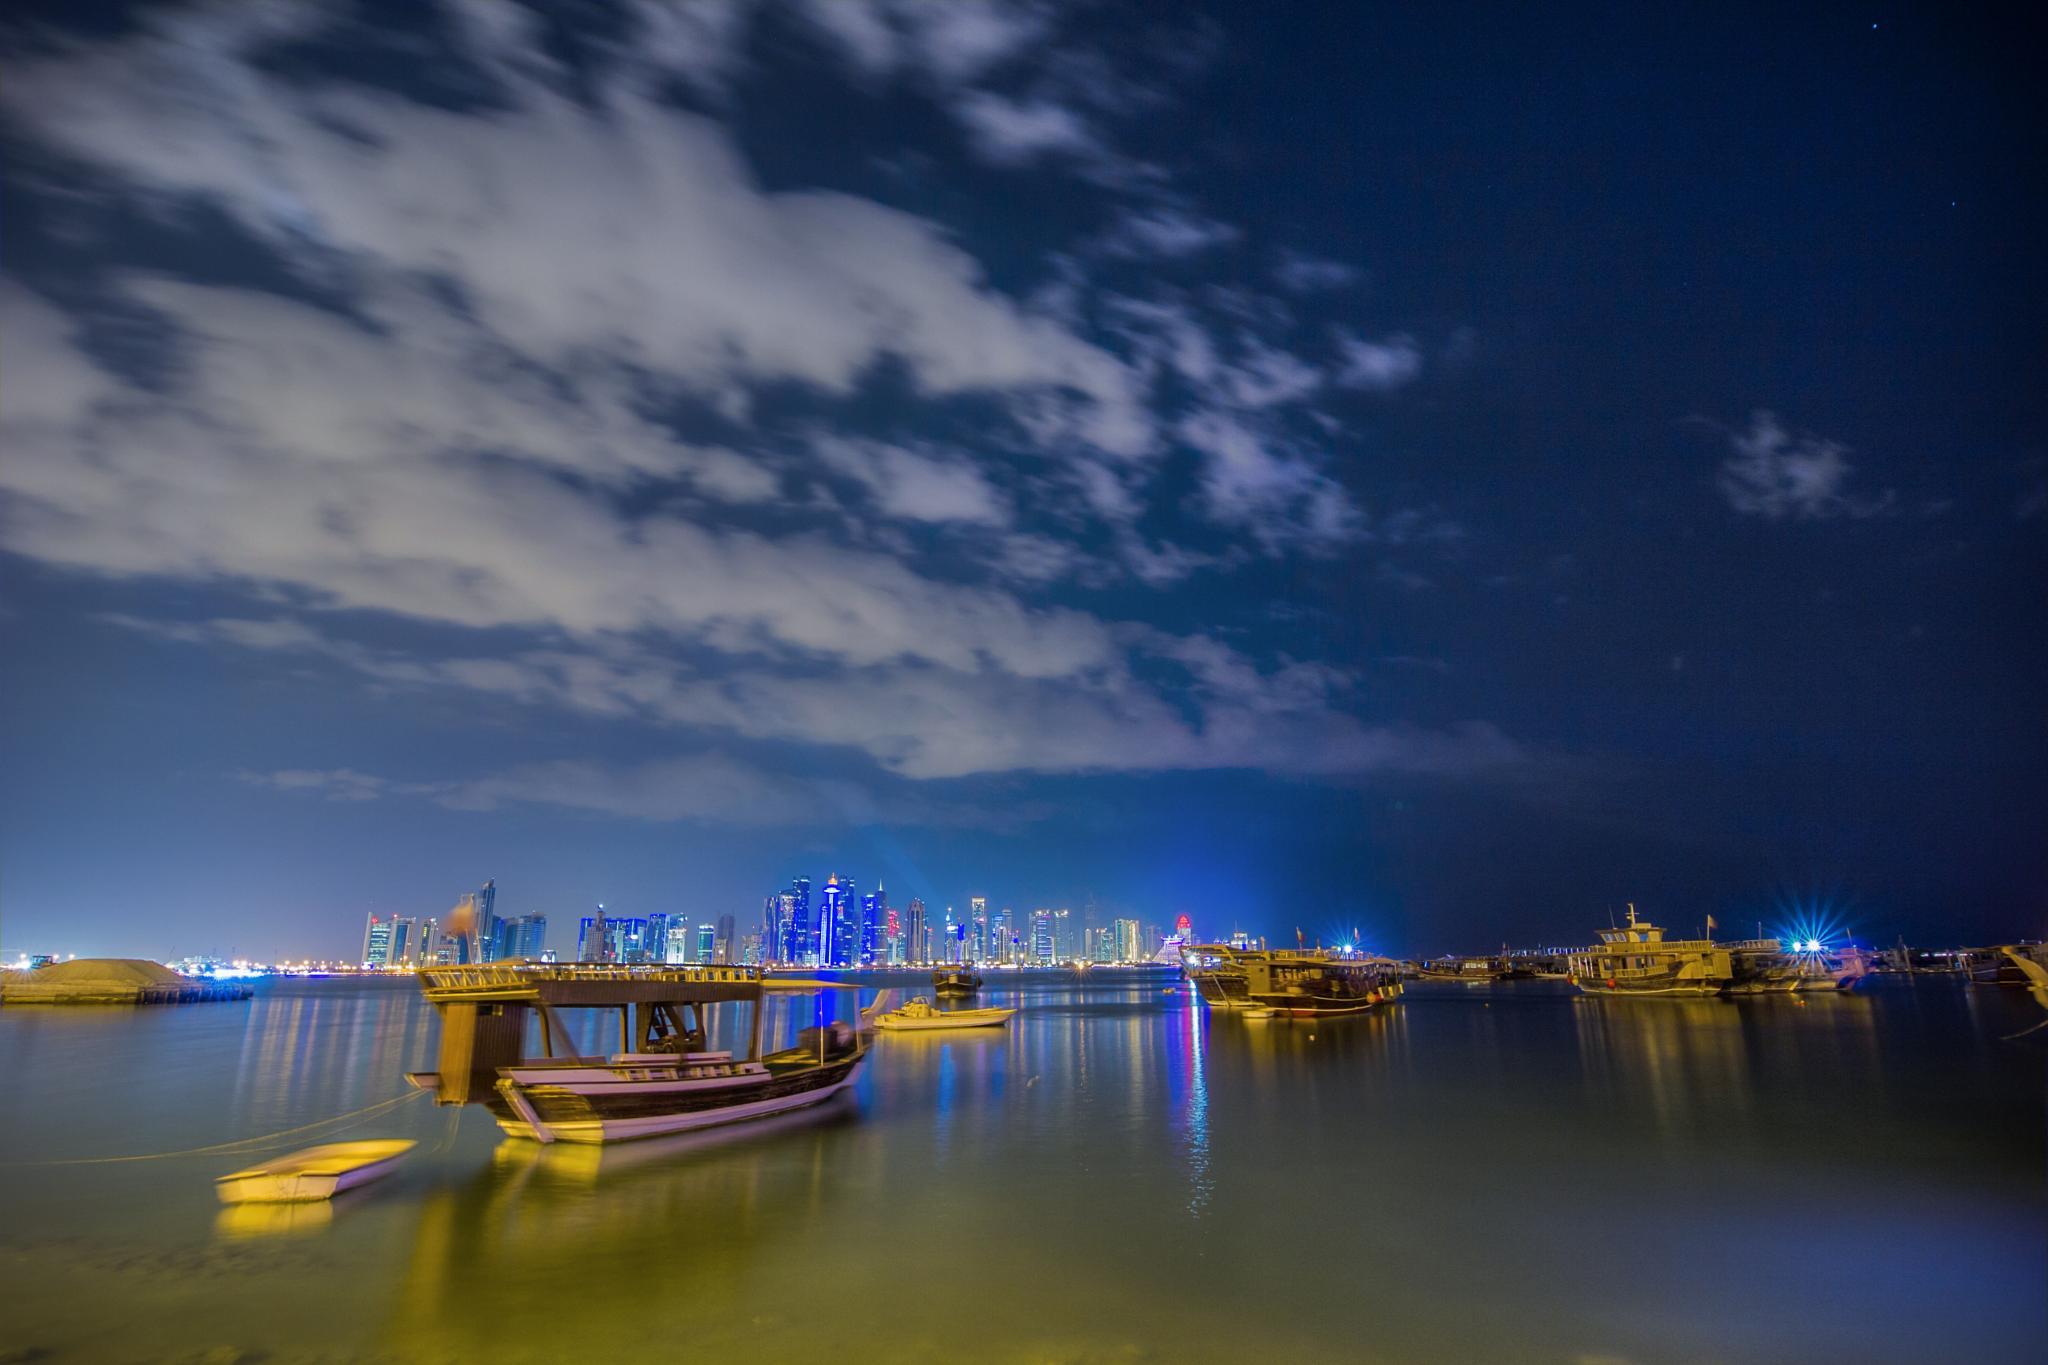 Doha Corniche by Shamal Majeed